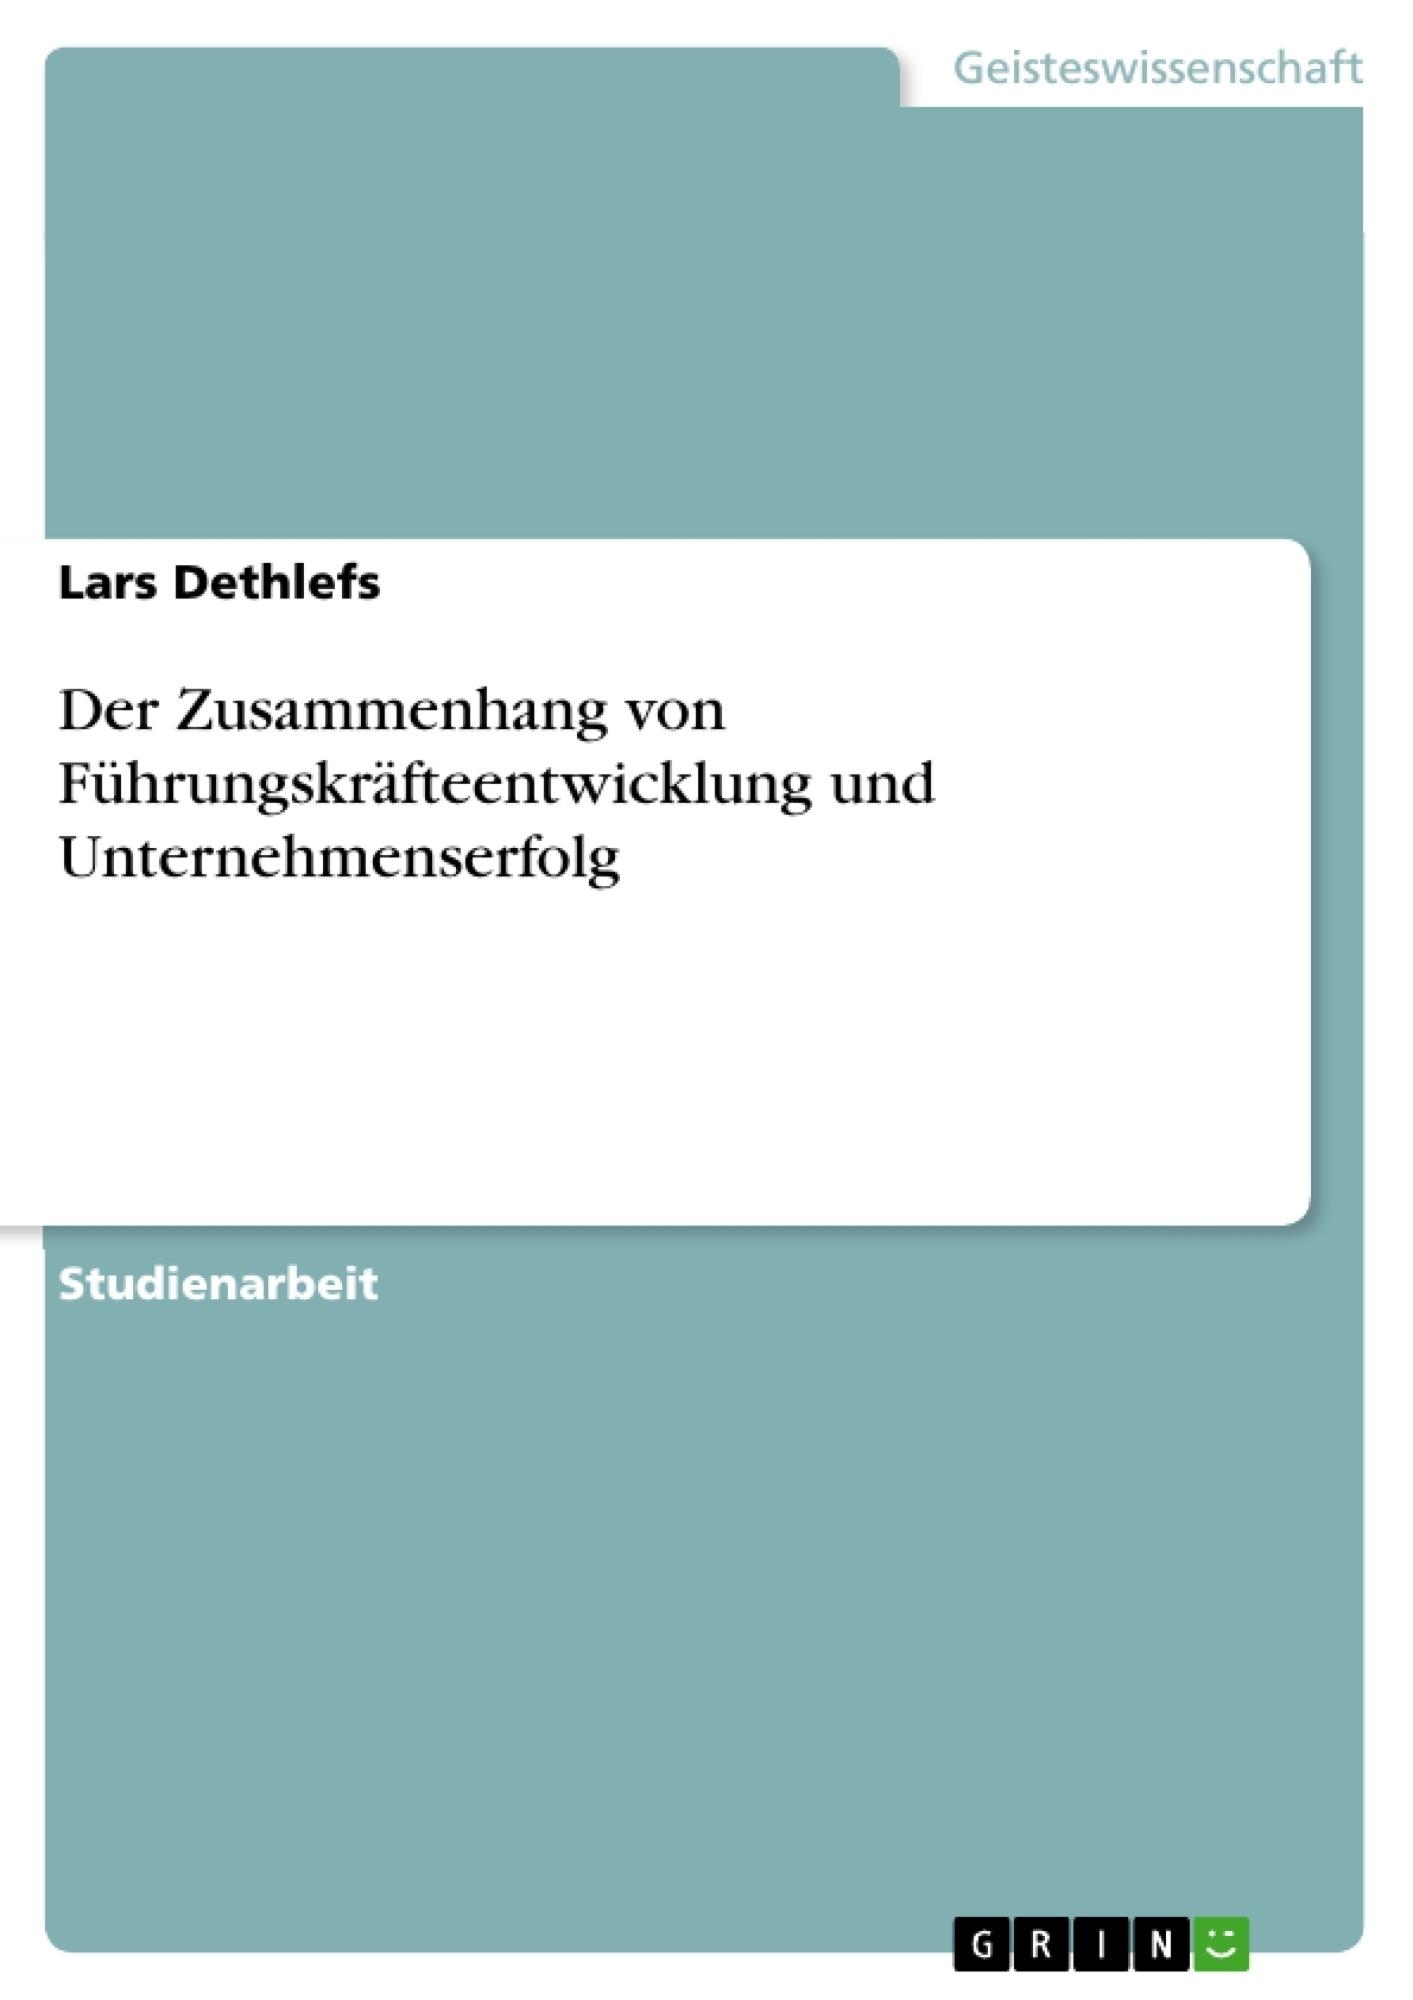 Titel: Der Zusammenhang von Führungskräfteentwicklung und Unternehmenserfolg